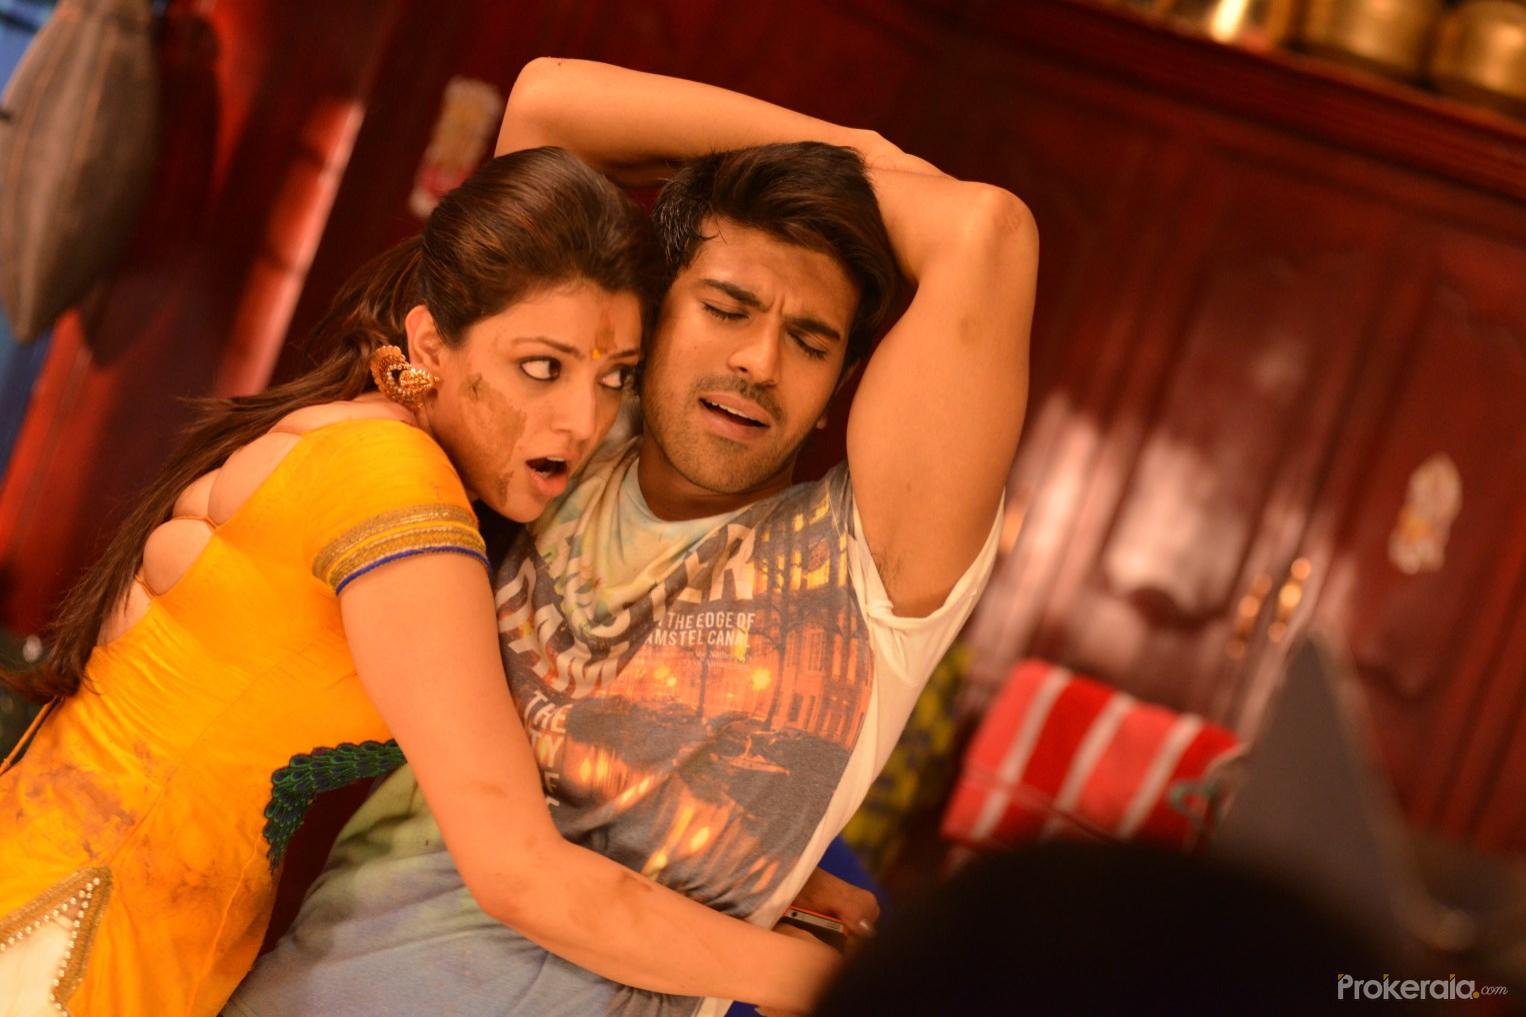 ram leela/ekalavya/govindudu andarivadele movie still still # 35